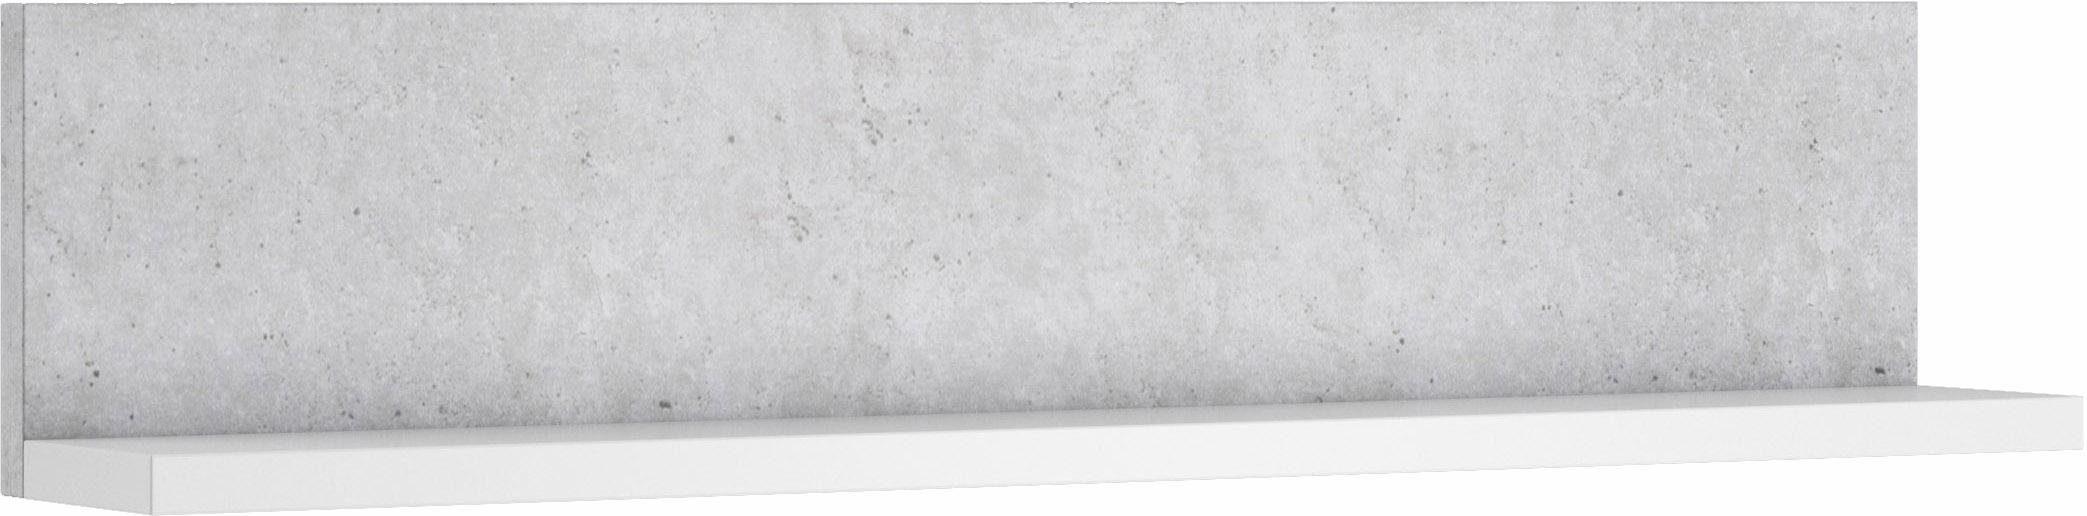 Wandboard, Breite 150 cm